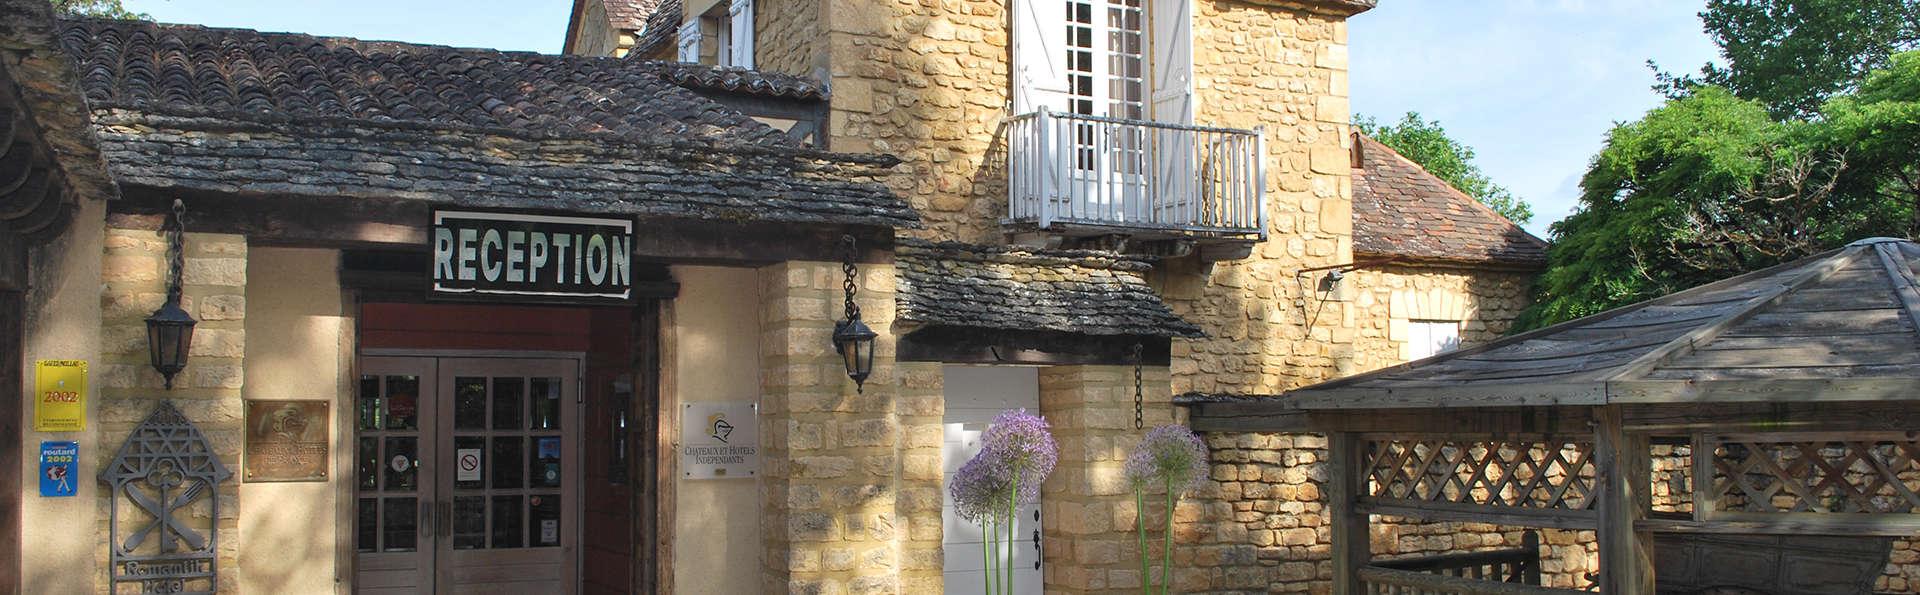 Relais de Moussidière  - EDIT_ENTREE_DE_L_HOTEL.jpg